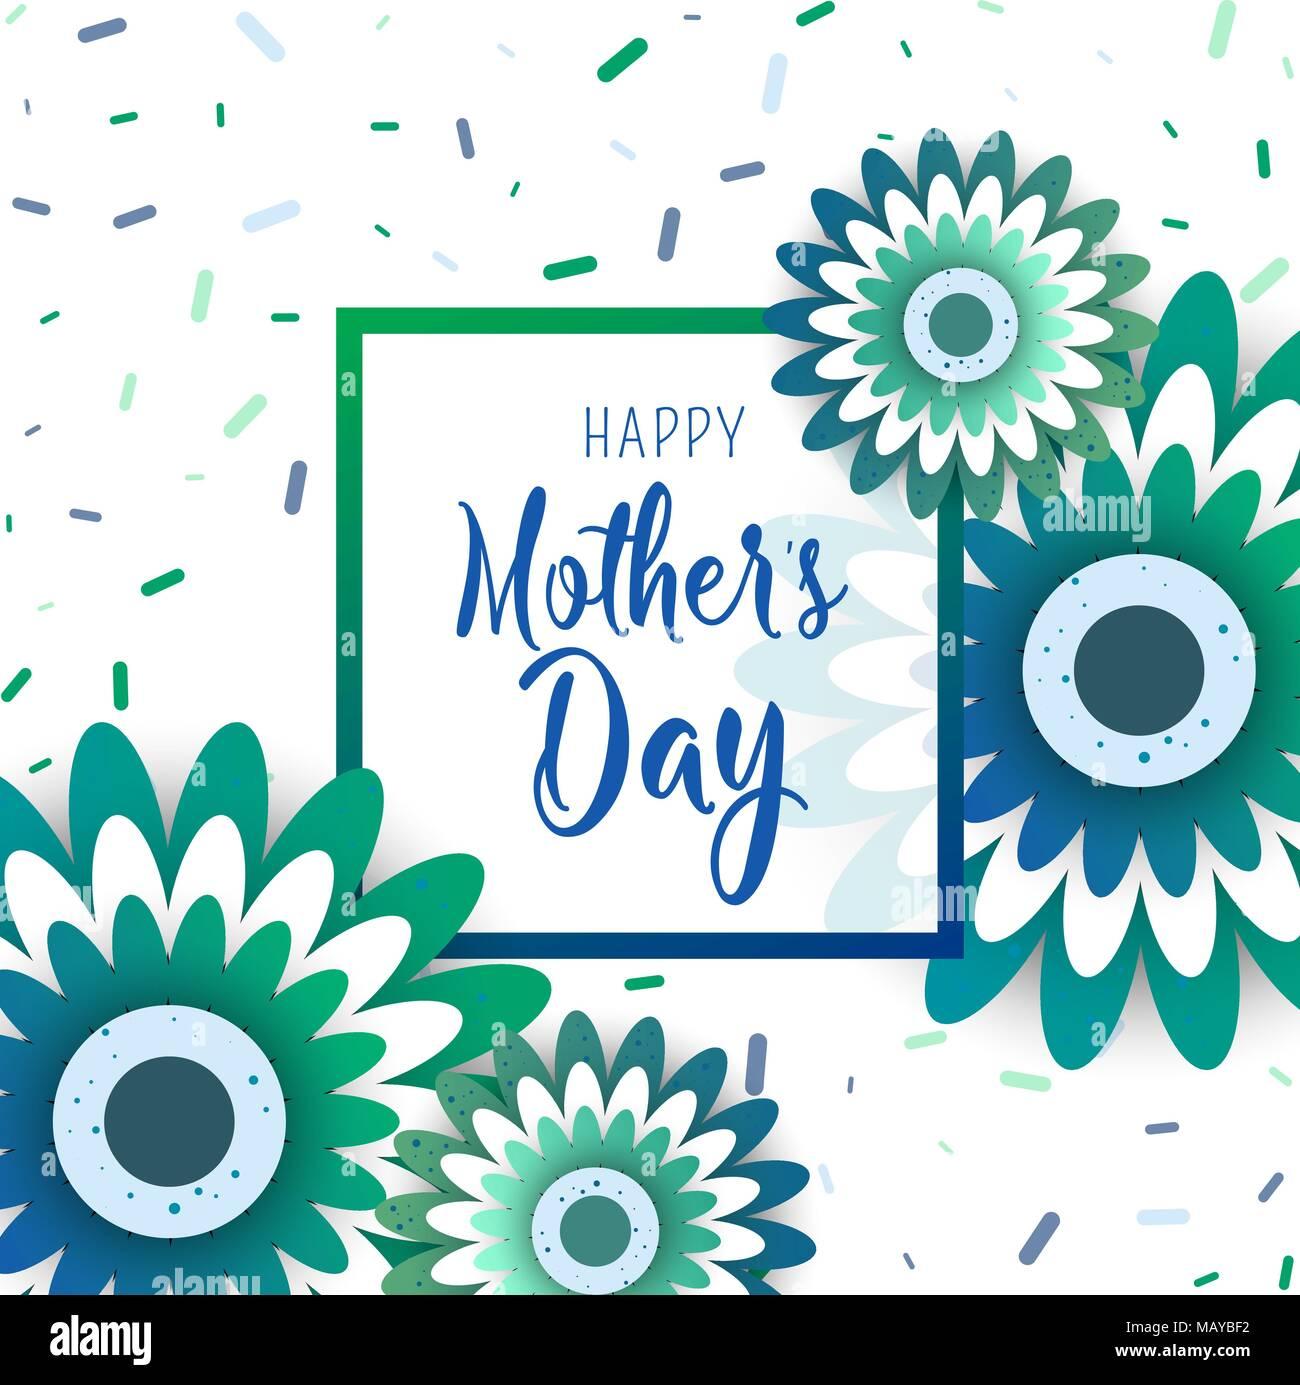 Template design Plakat für die glückliche Mutter Tag mit leuchtenden ...